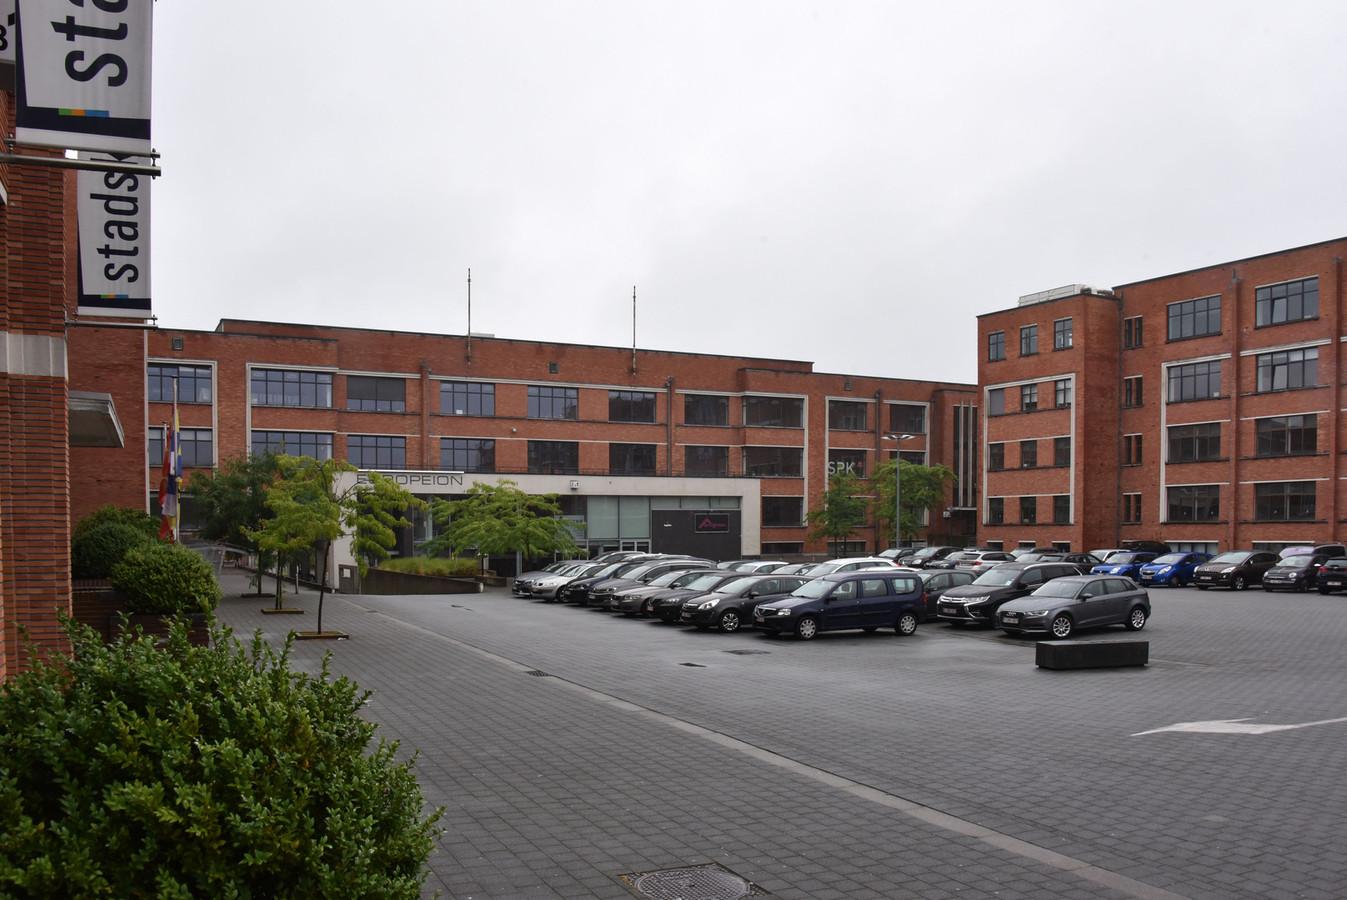 Het huidige paradeplein, metgeparkeerde auto's en aan de linkerzijde het Stadskantoor.